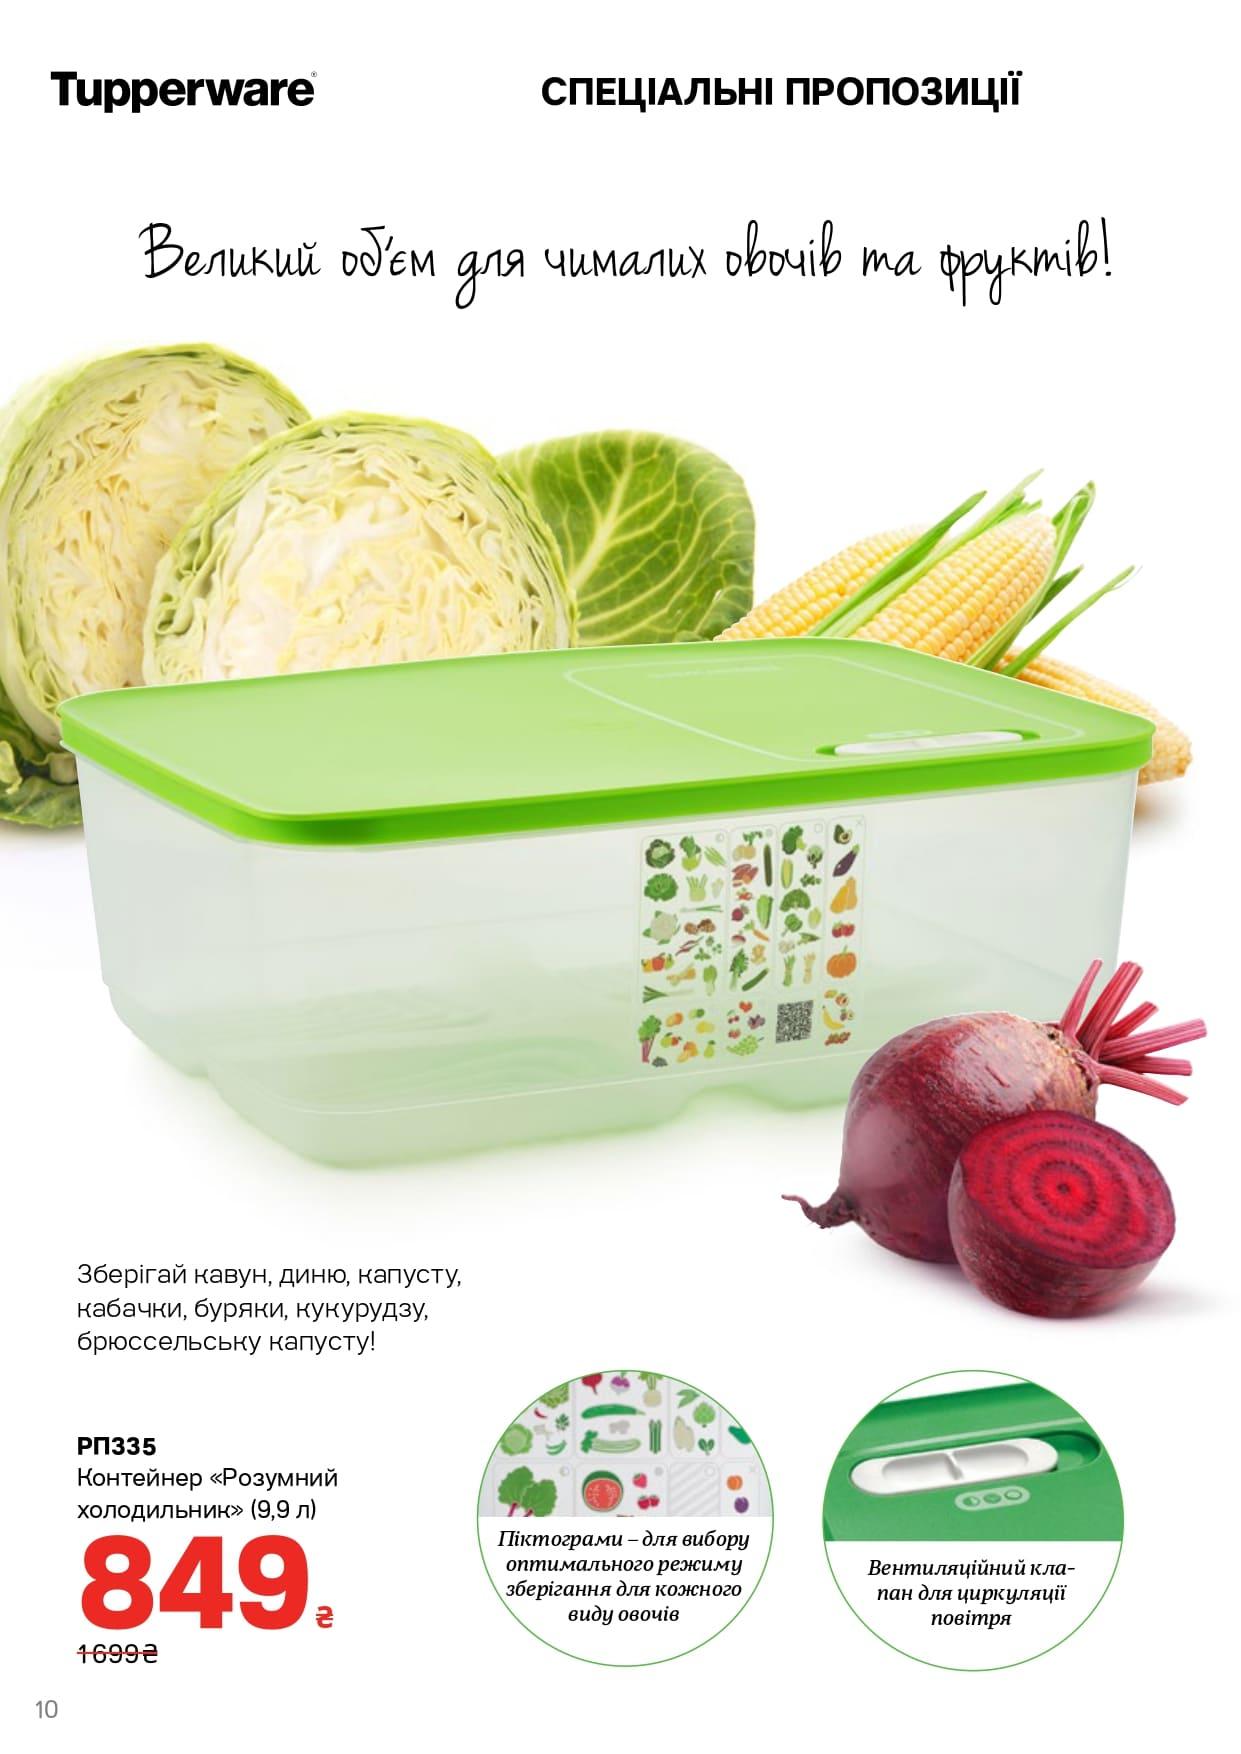 Большой, 9,9 литра, умный контейнер для овощей и фруктов, скидка до 50%.